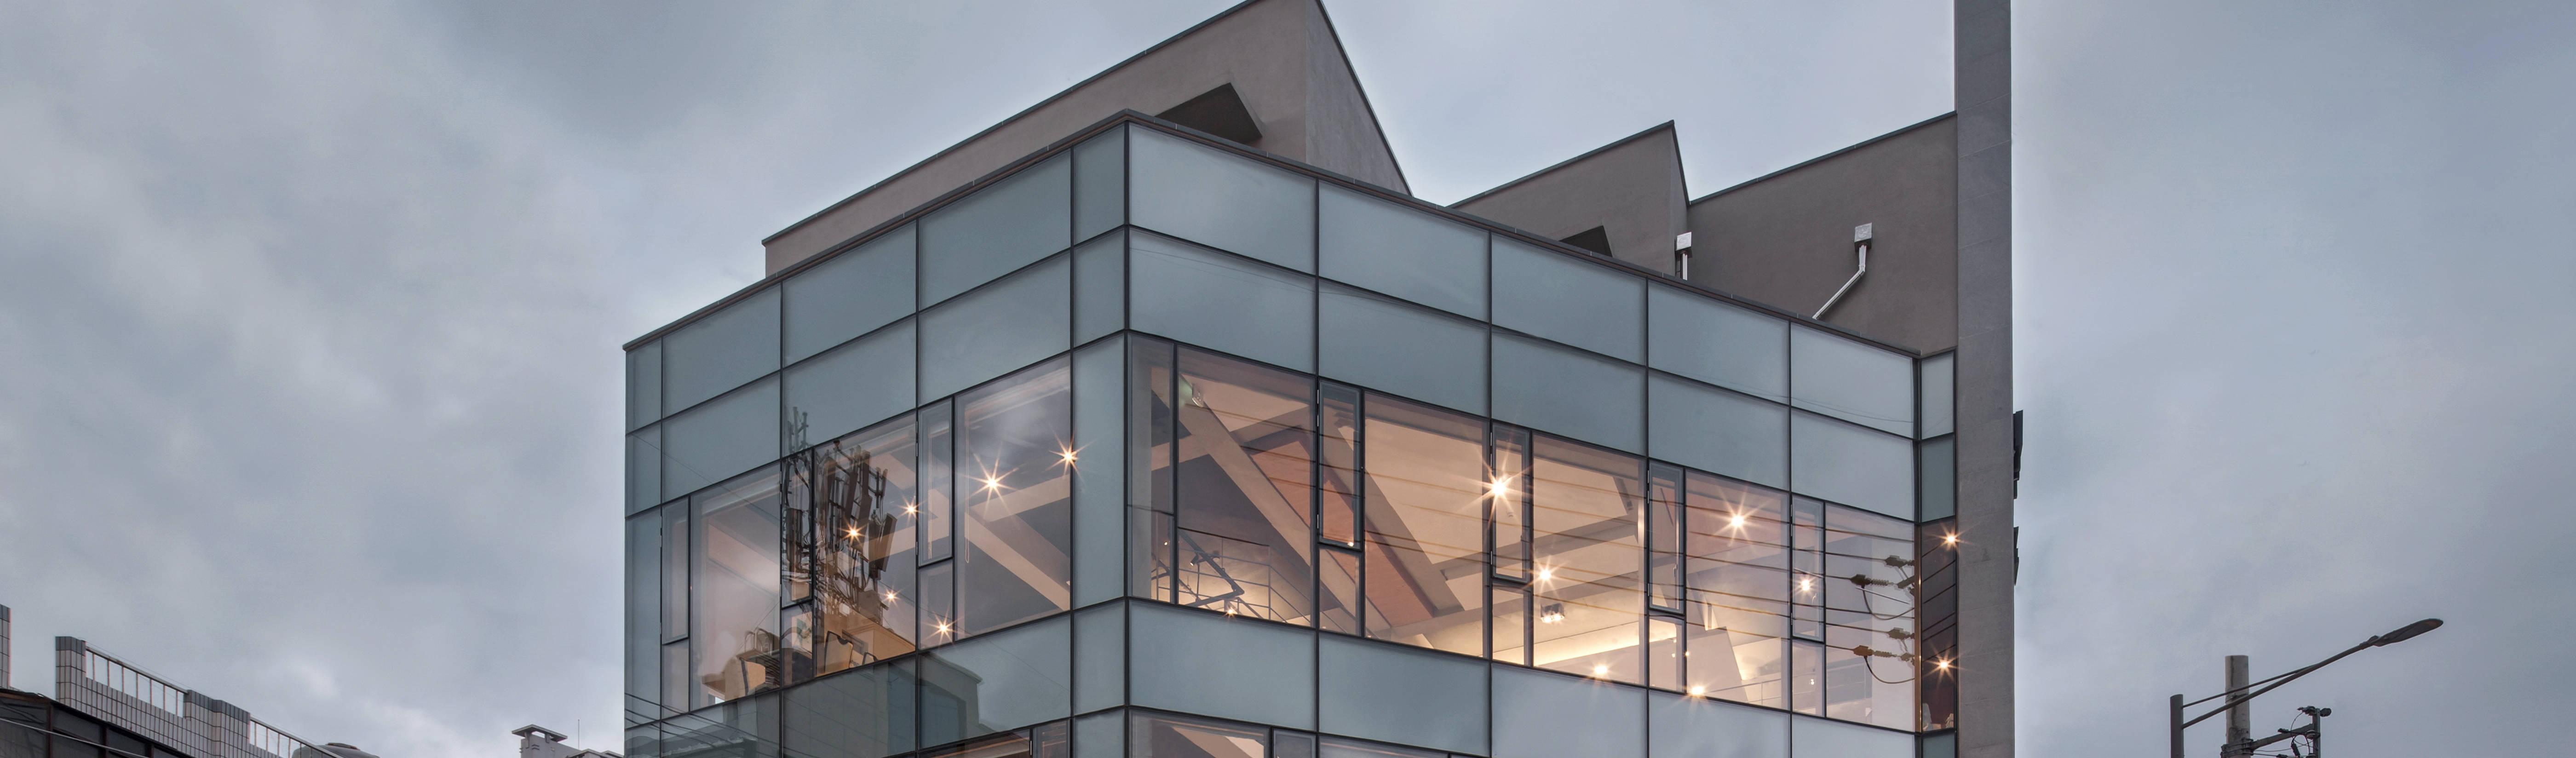 DA건축사사무소(Architects DA)